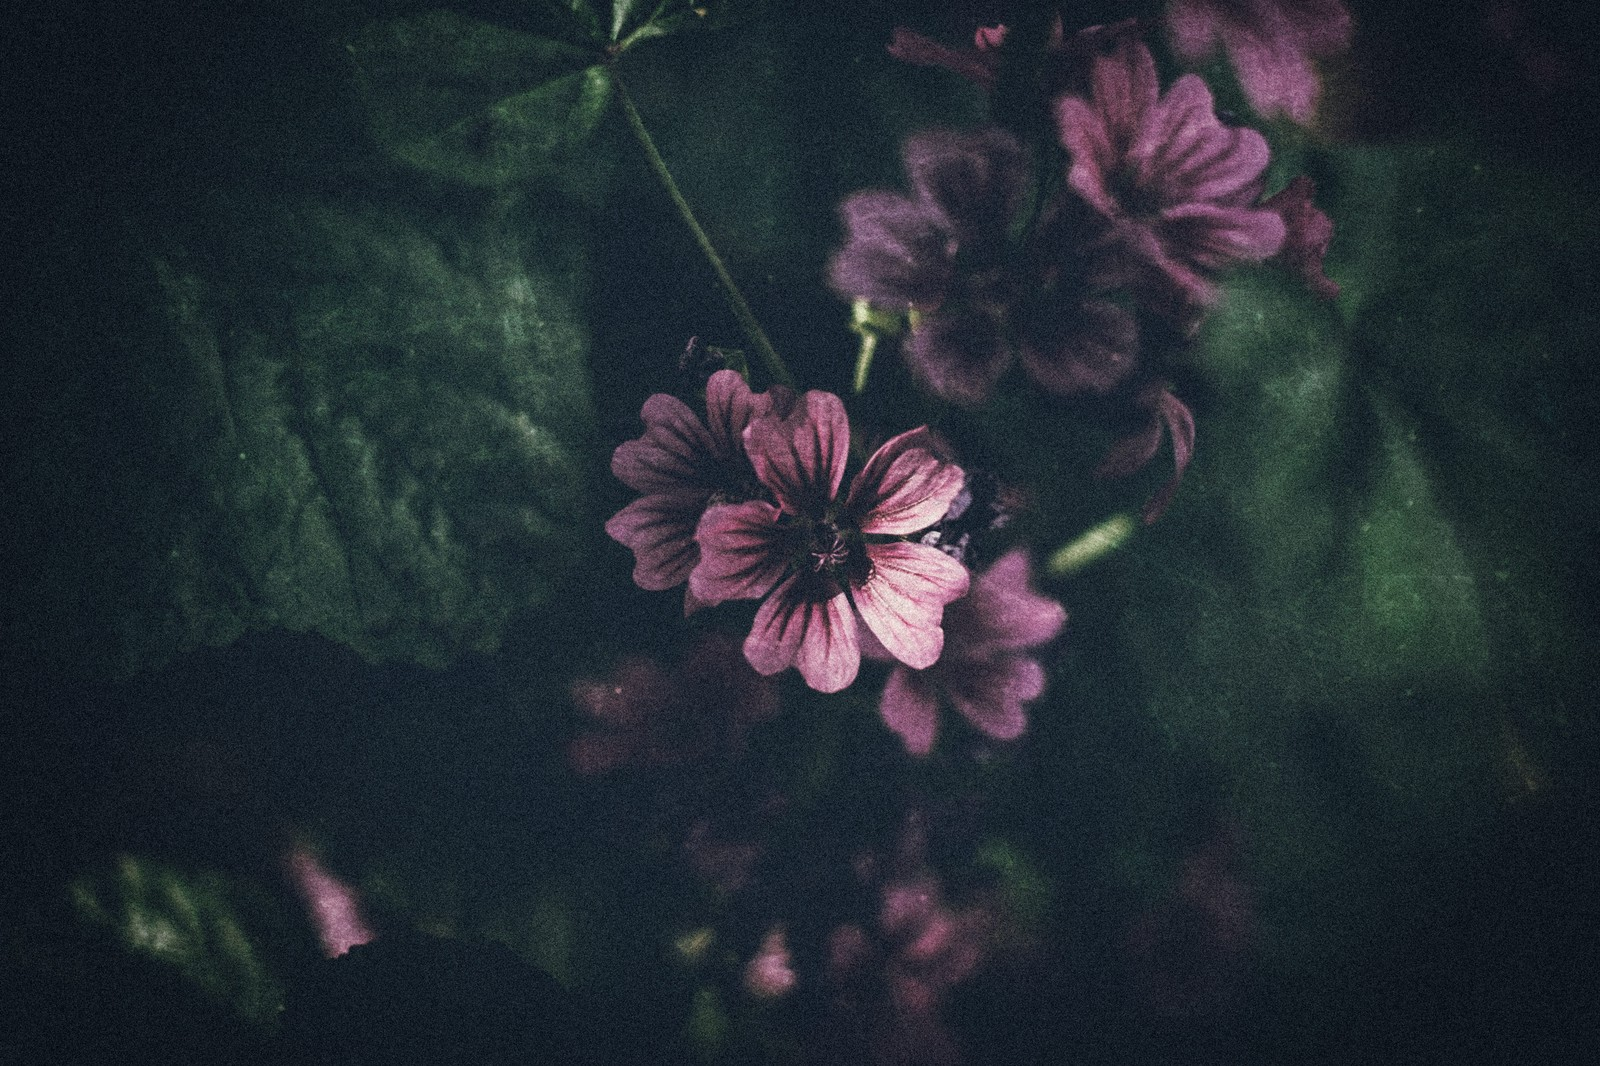 「薄暗い花」の写真